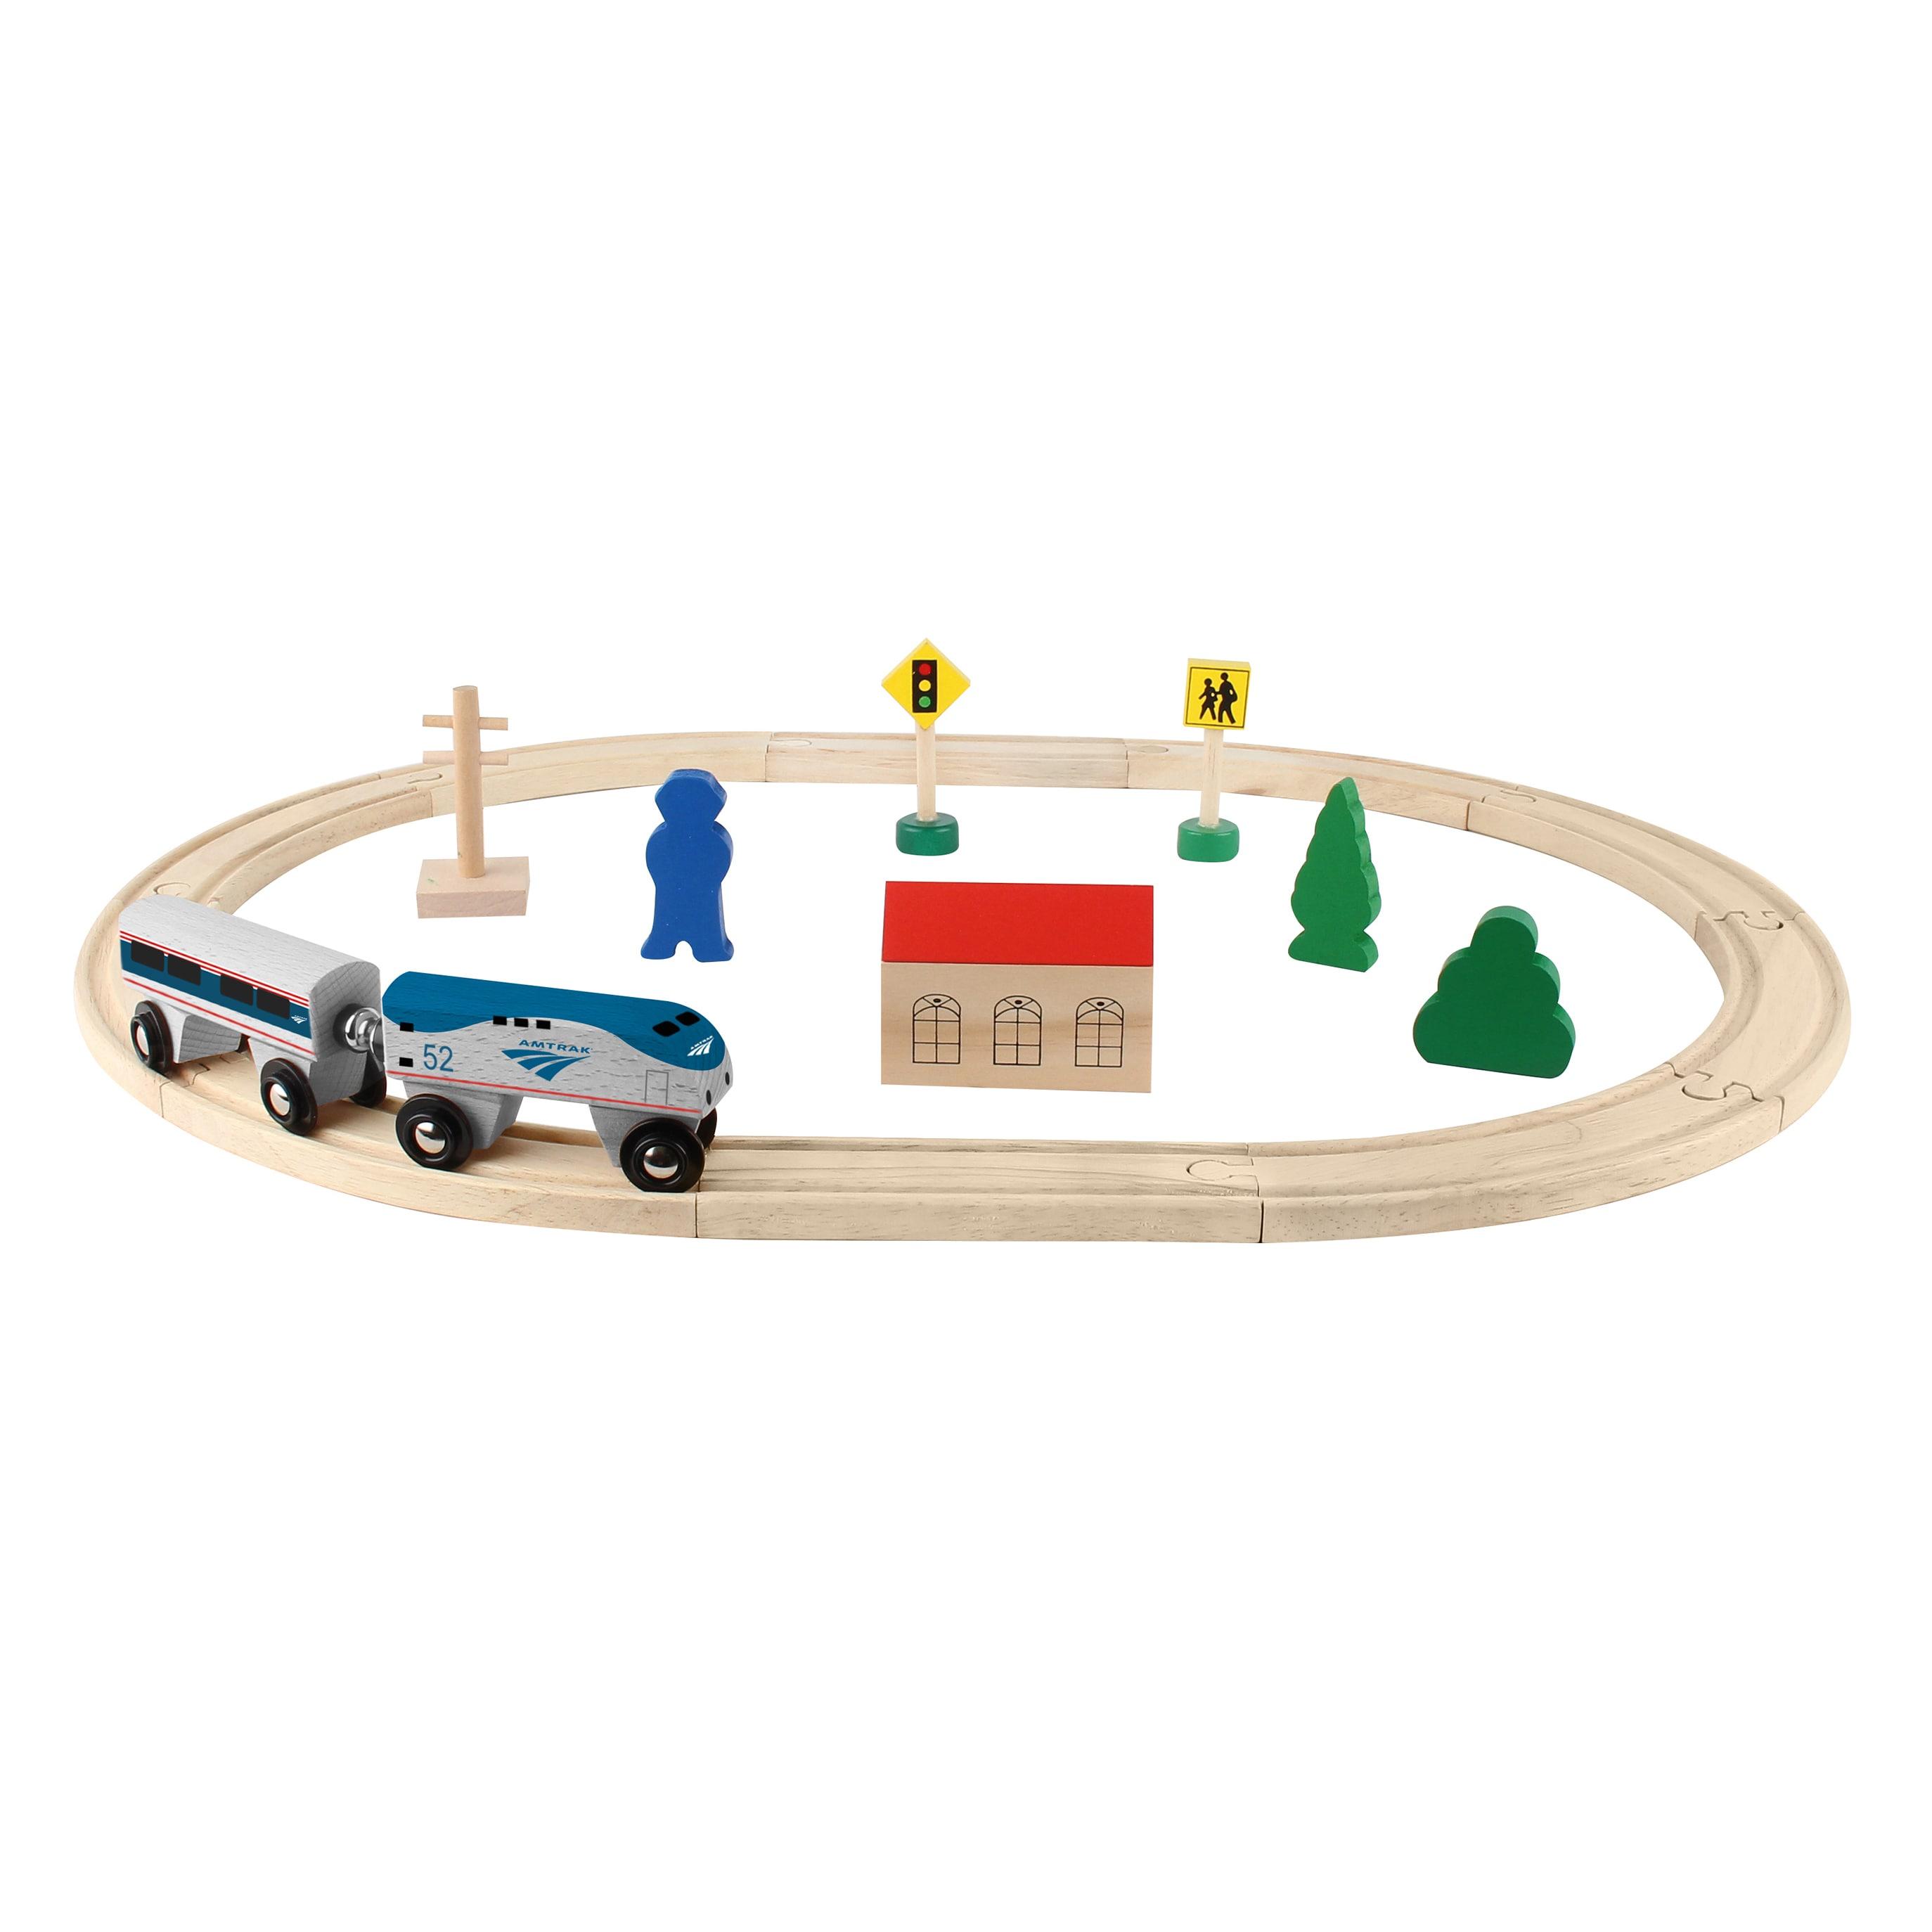 Daron Amtrak Wooden Train Set - 20 pieces (G830715007618)...